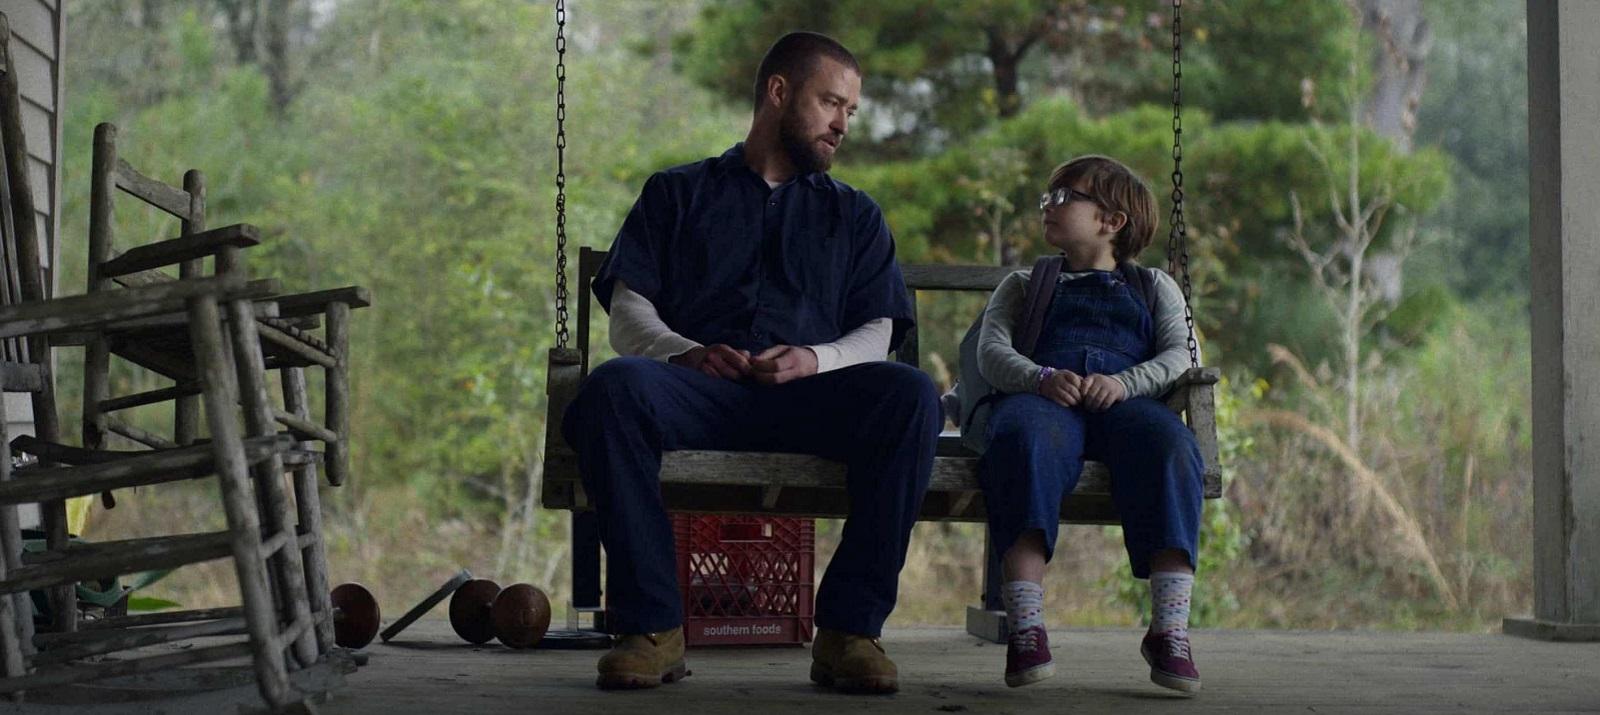 """Каждому нужен друг: Рецензия на фильм """"Палмер"""" от Apple TV+"""